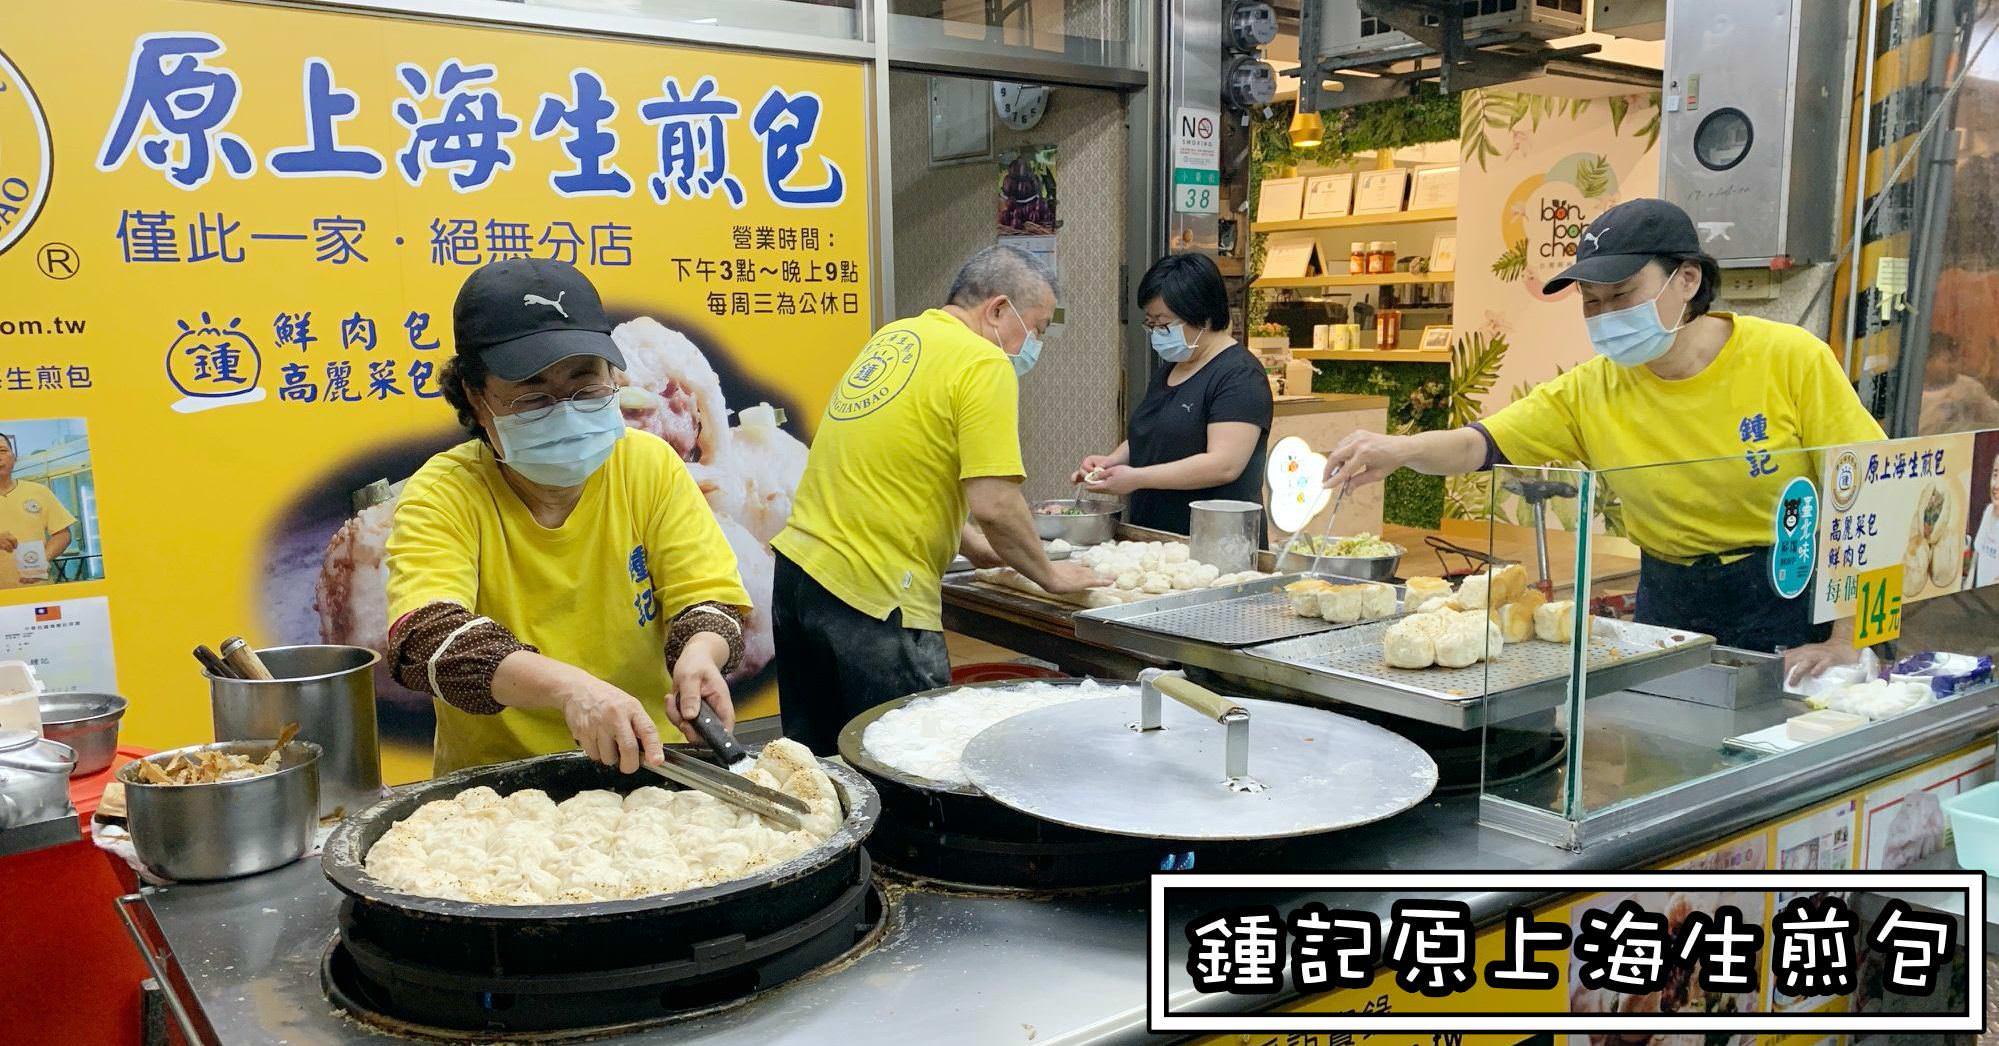 鍾記原上海生煎包|士林夜市美食-我心中最強的生煎包  (米其林 價錢)